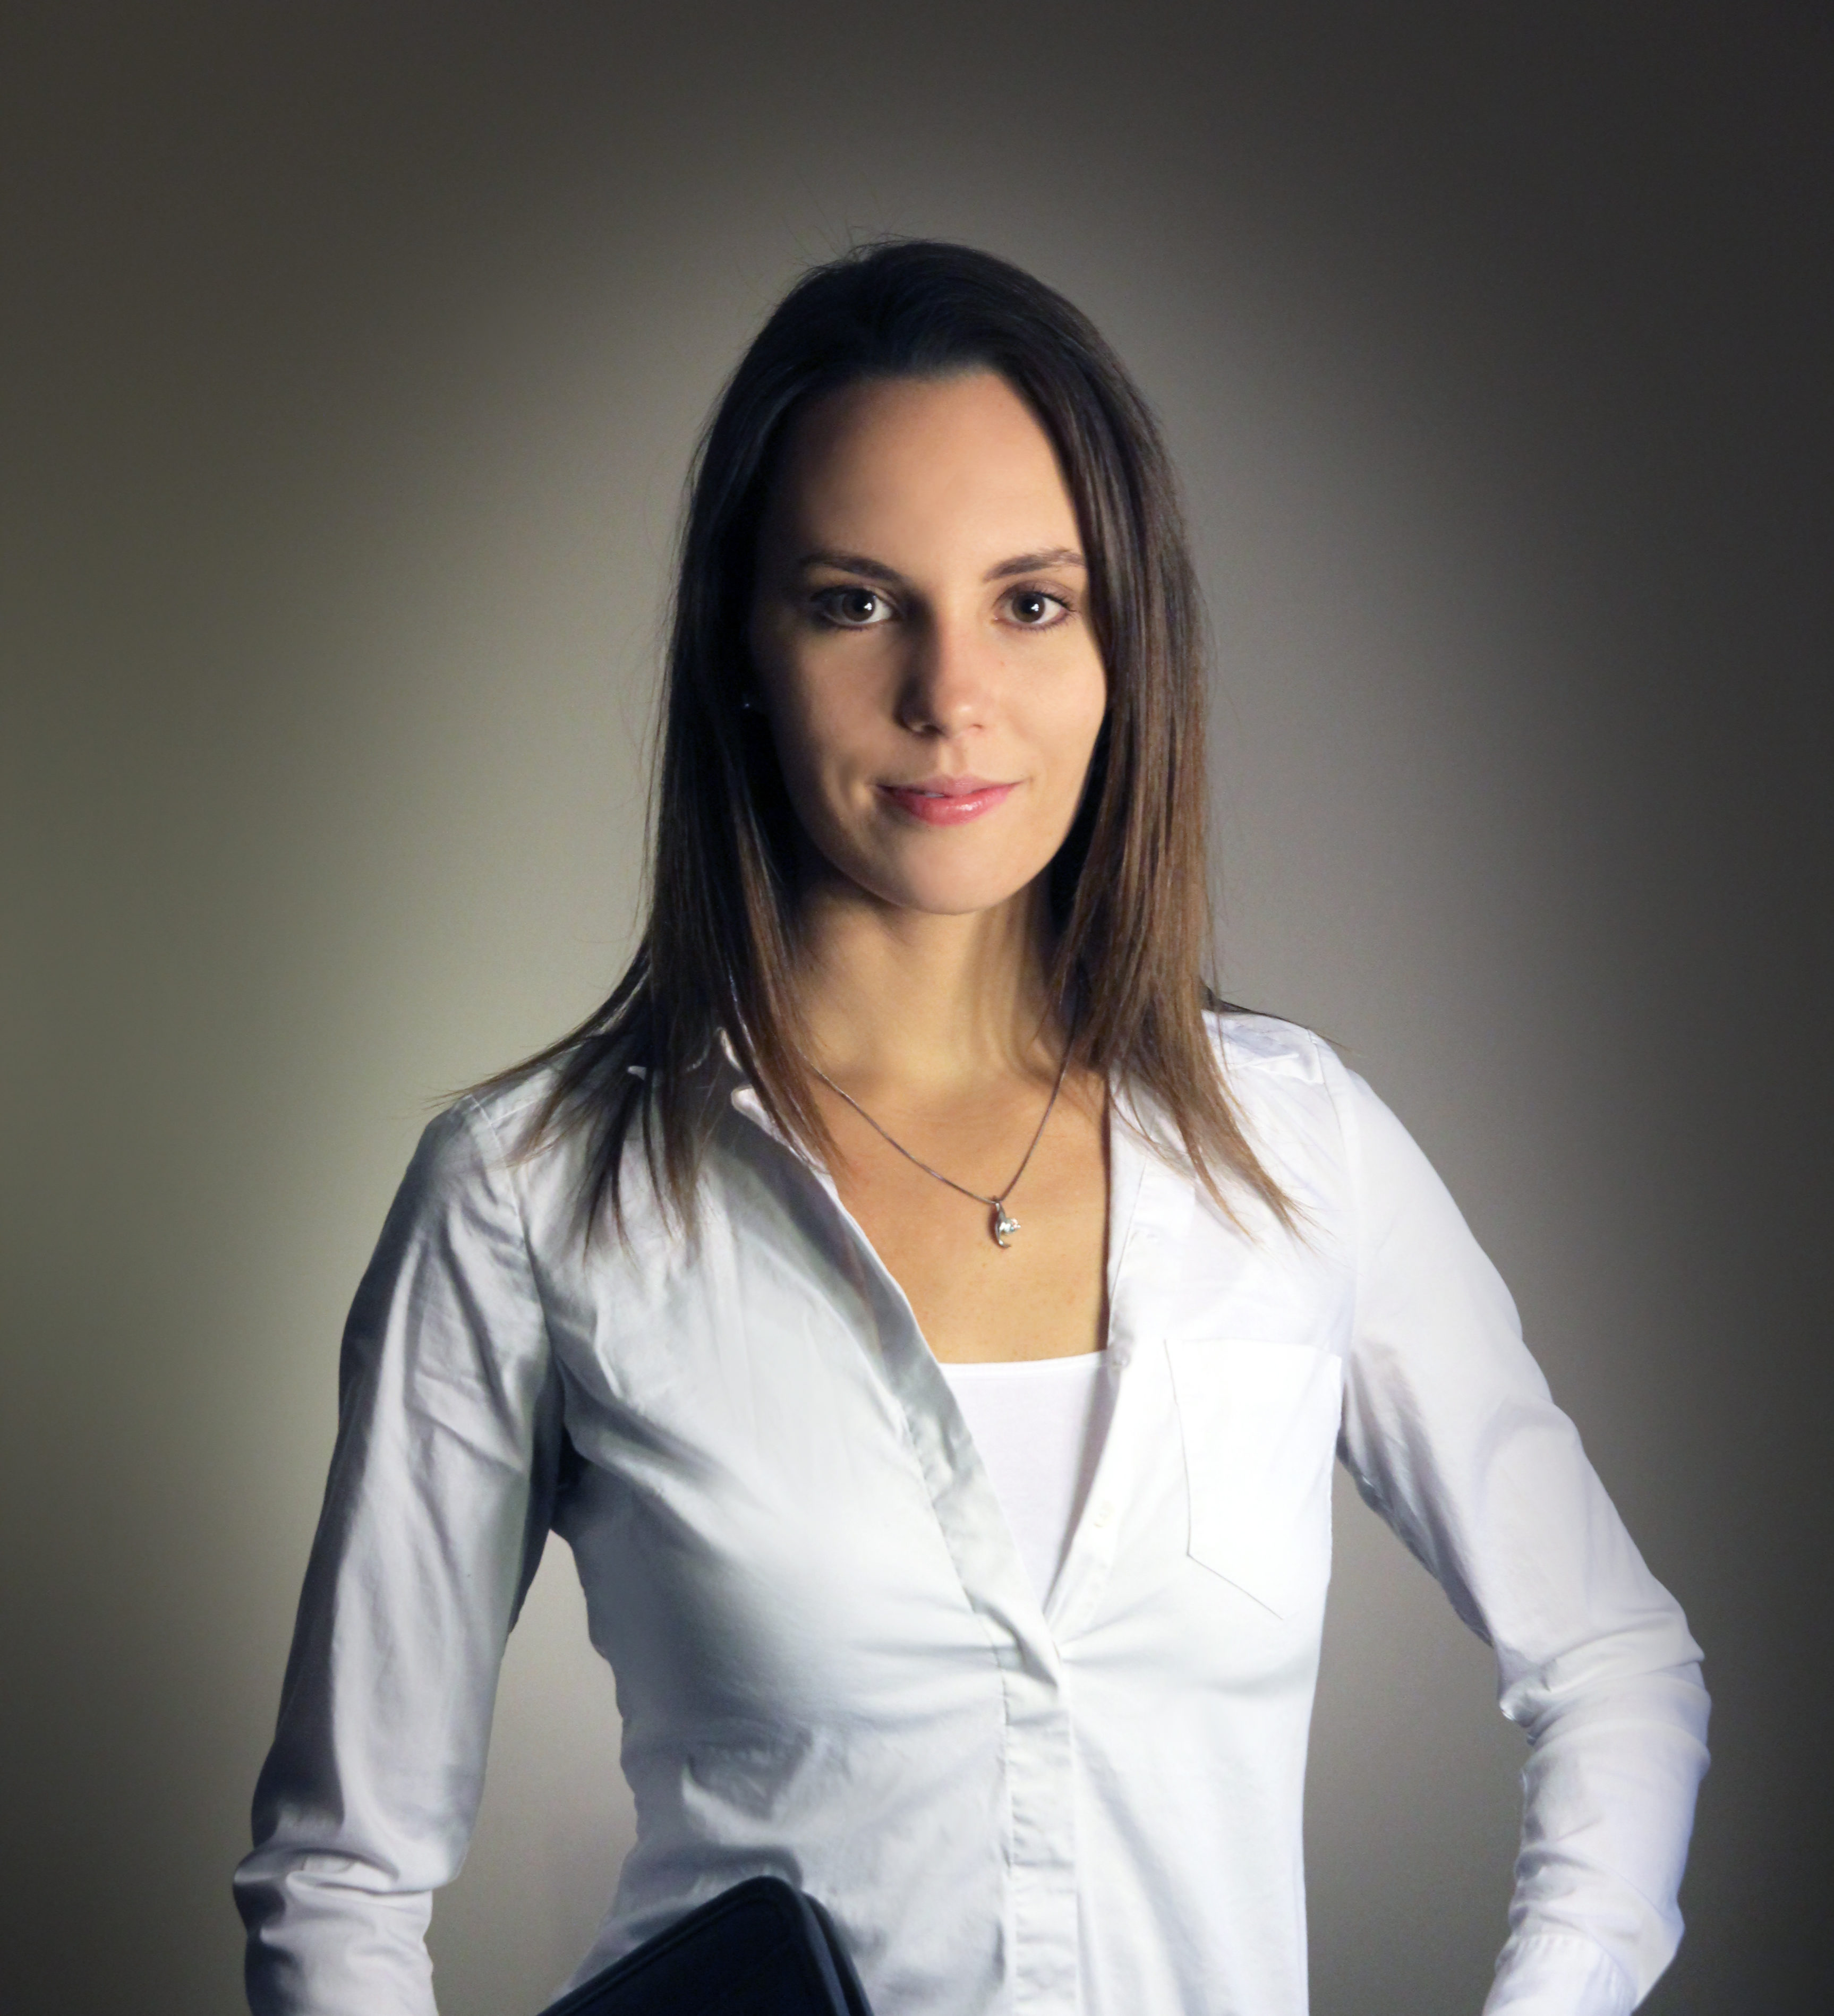 Danielle Schalin